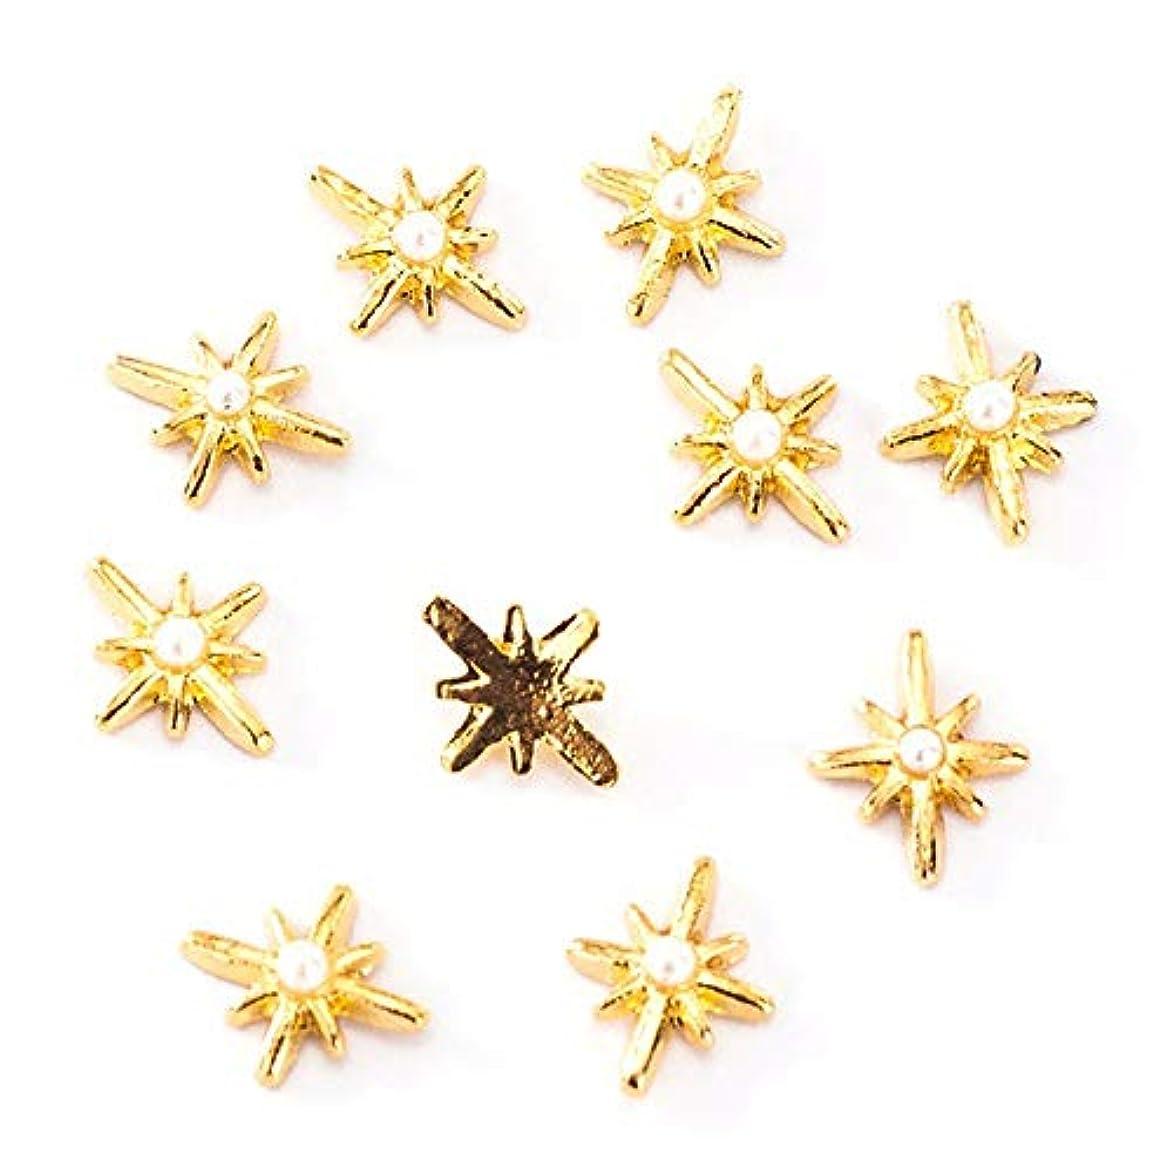 開発するトライアスロンピカリング10個入り/ロットグリッターネイルアートの装飾不規則なゴールドメタルスターデザインマニキュアネイルアートスタッドアクセサリー